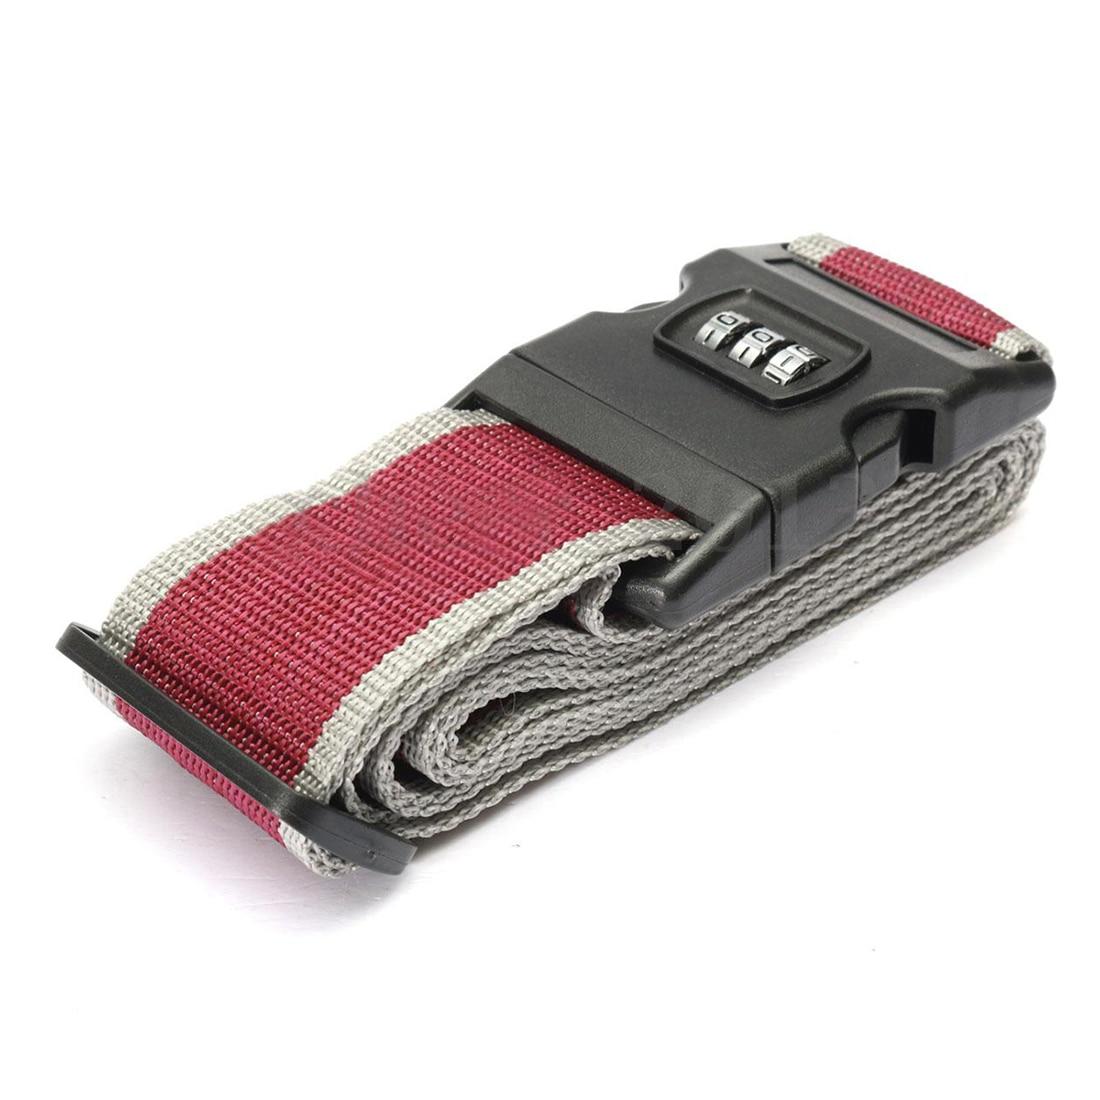 Safety Belt Belt Lock Combination Travel Luggage Suitcase Band